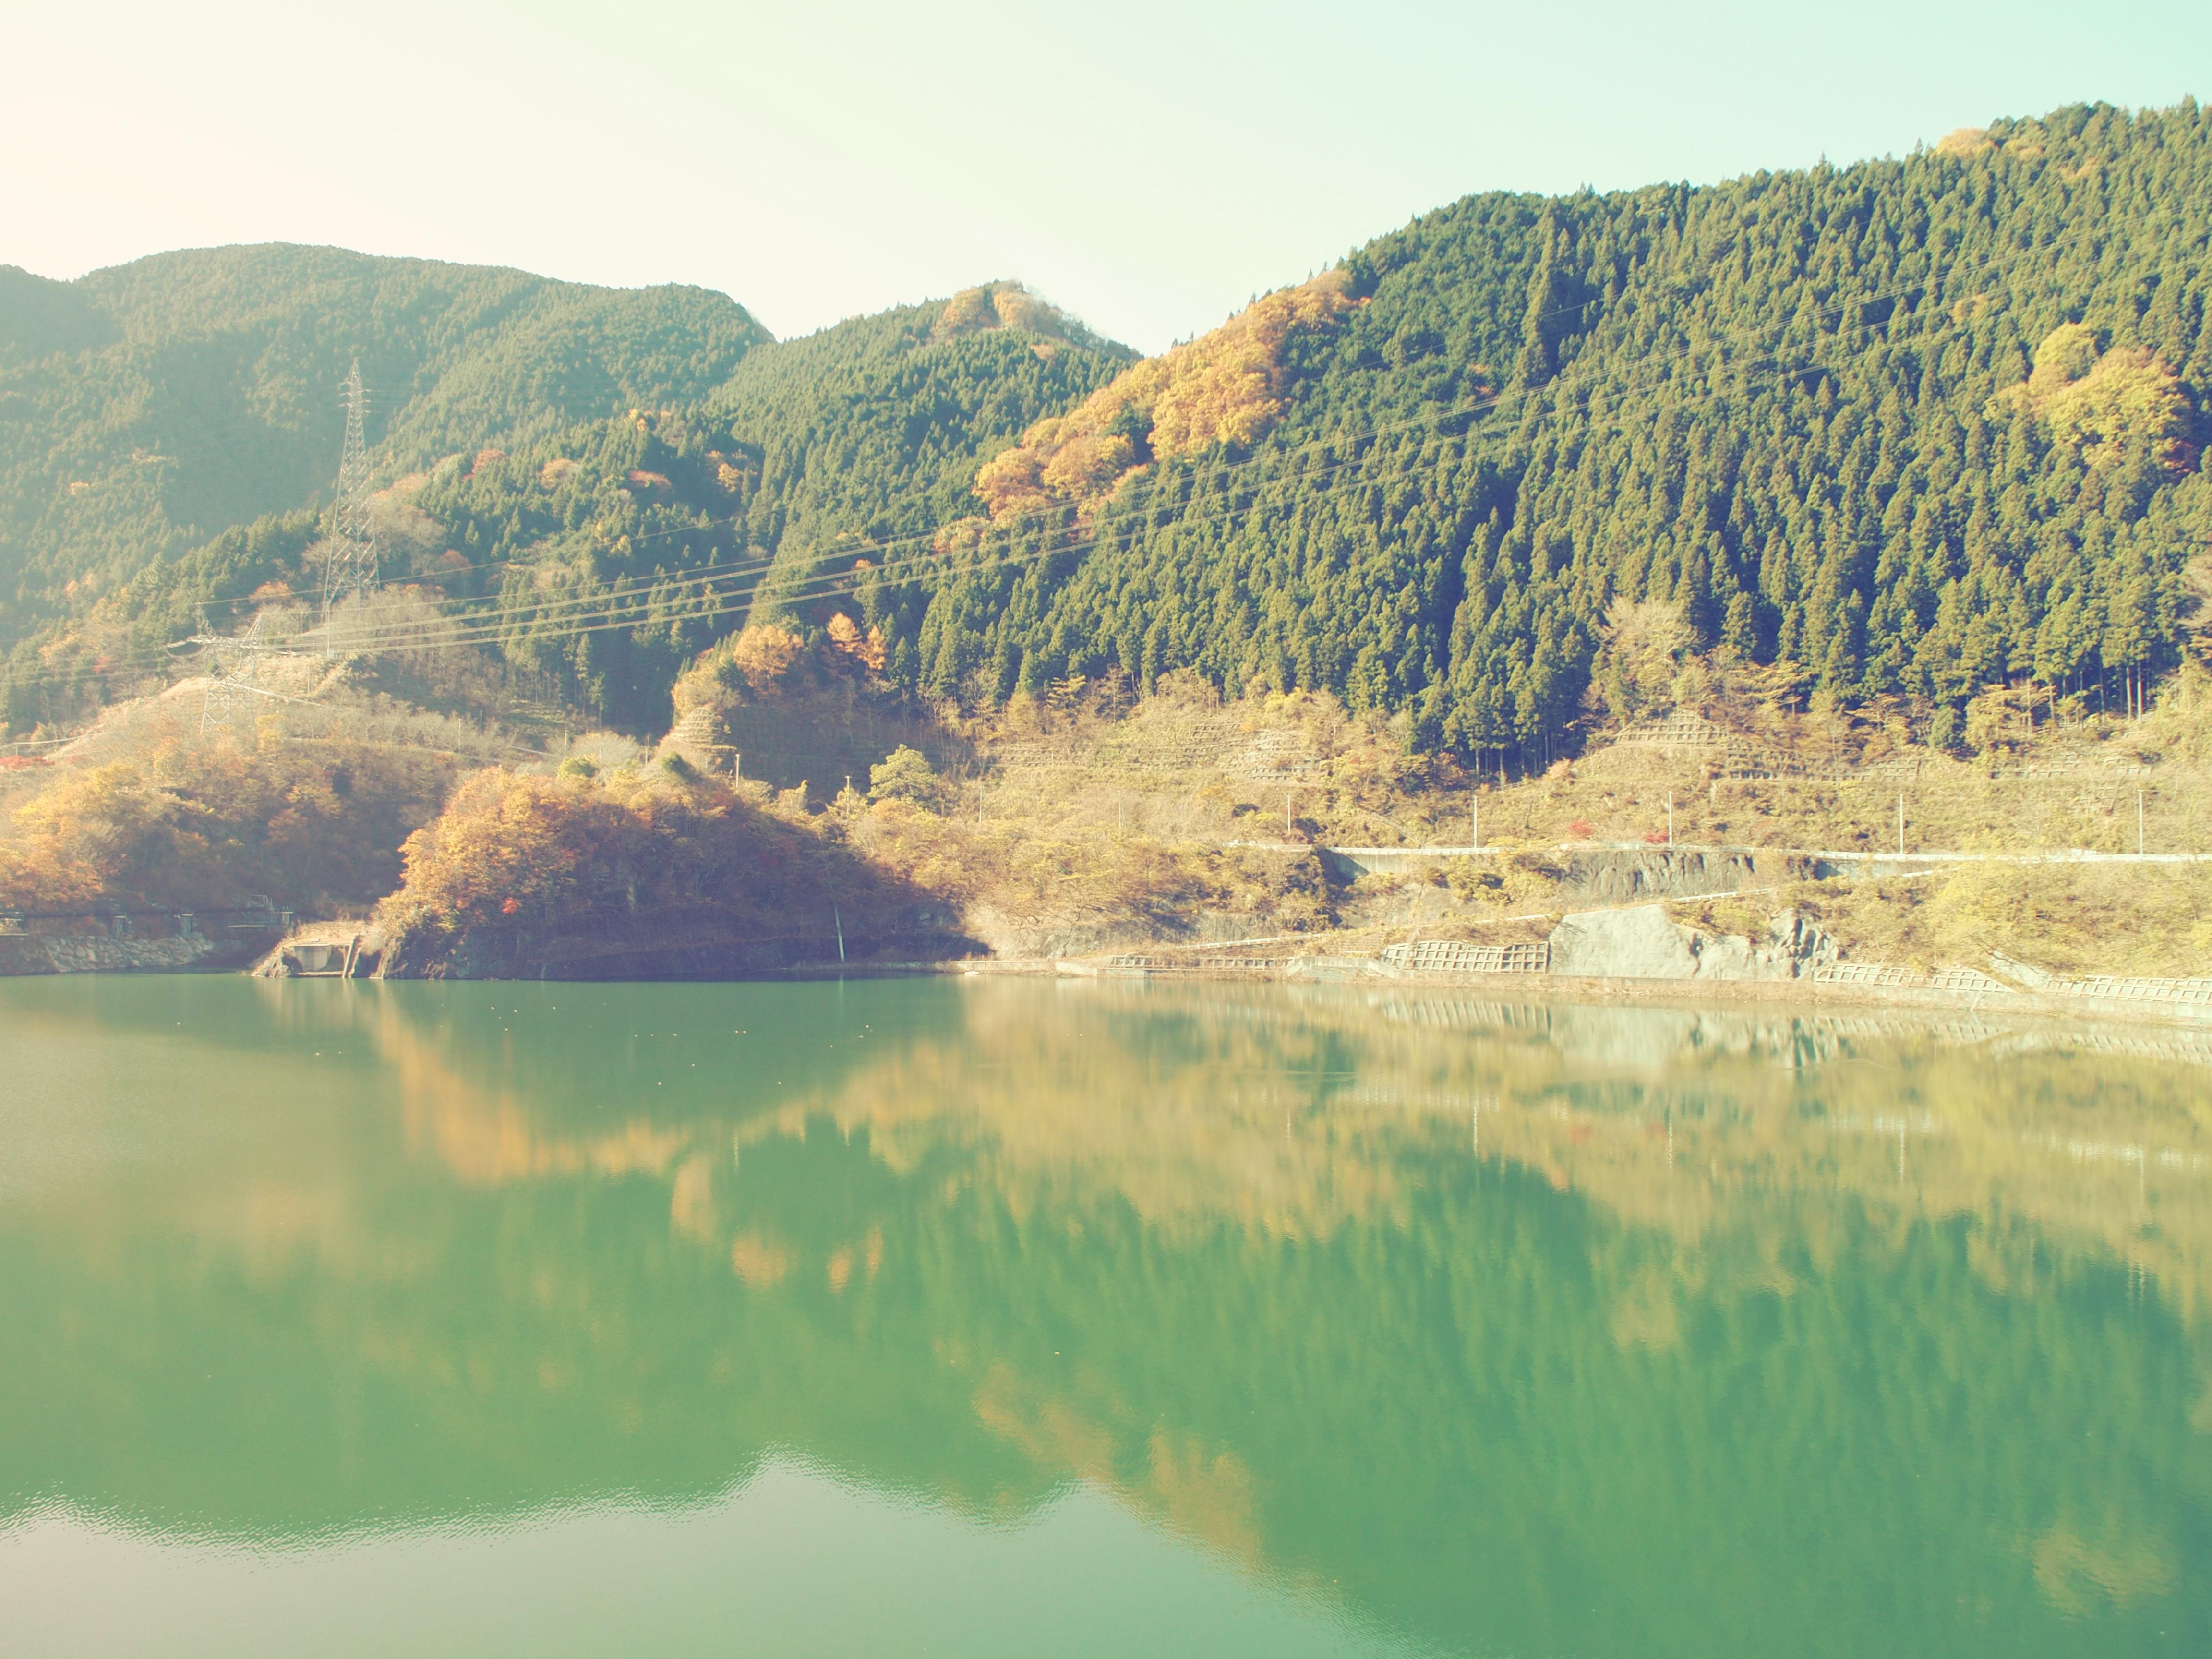 ダムの湖面に写った山並みが綺麗でした。温かさをプラスしたくてタイプIで撮影。M.ZUIKO DIGITAL ED 14-42mm F3.5-5.6 EZ / 1/200秒 / F5.6 / ISO200 /14mm